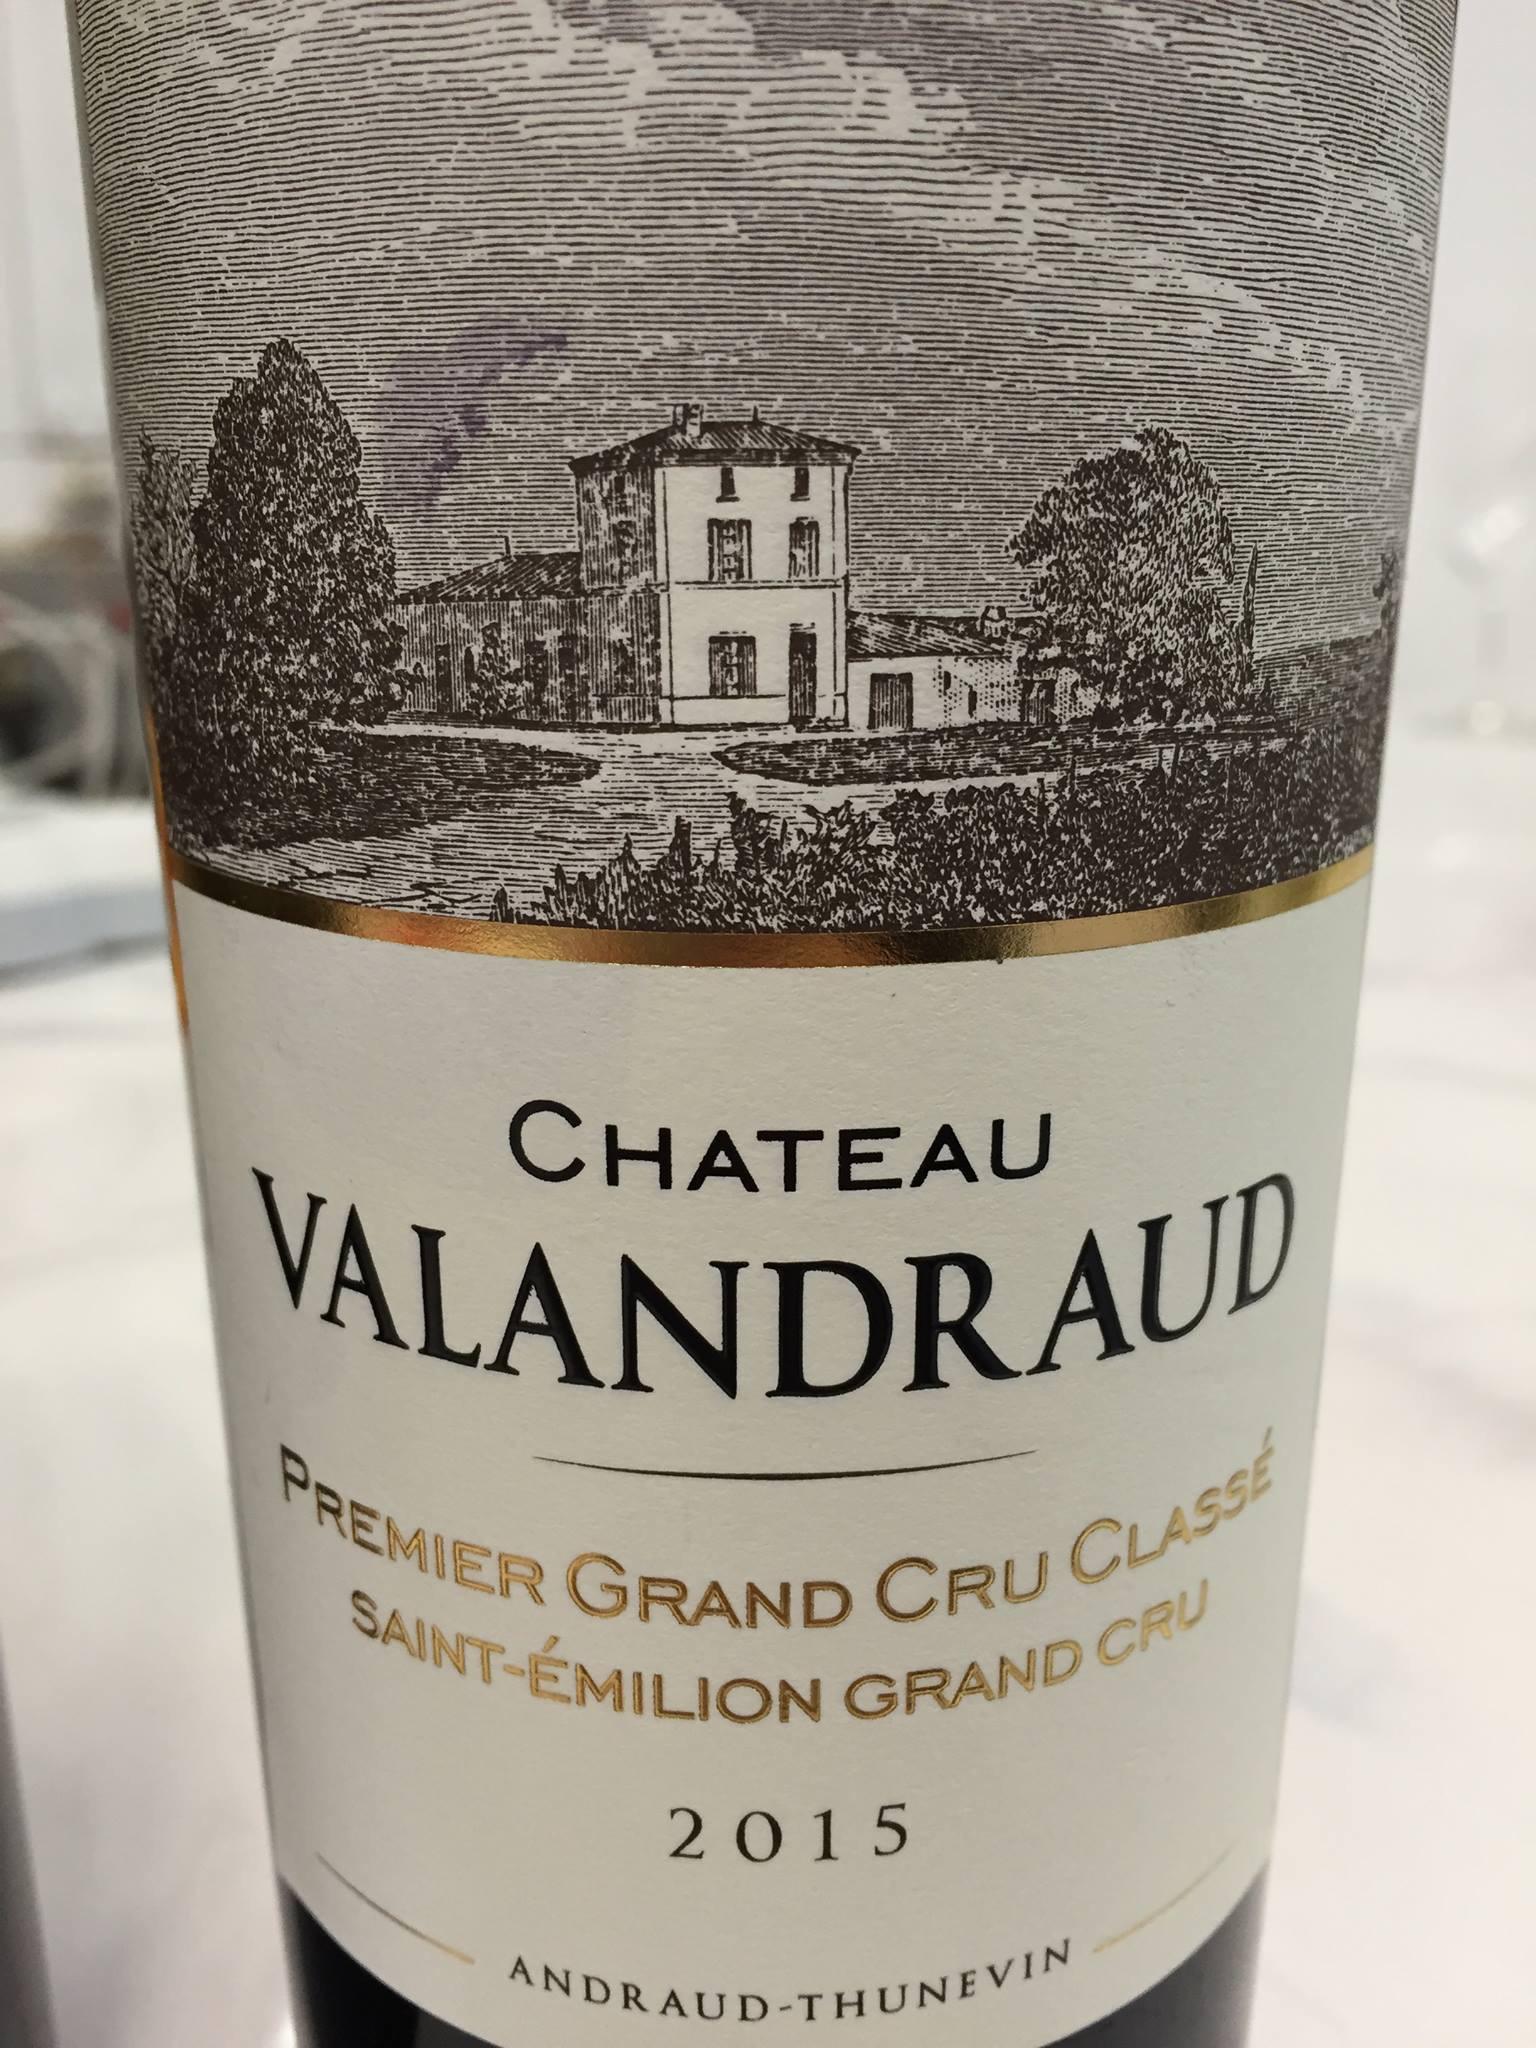 Château Valandraud 2015 – Saint-Emilion Grand Cru, 1er Grand Cru Classé B